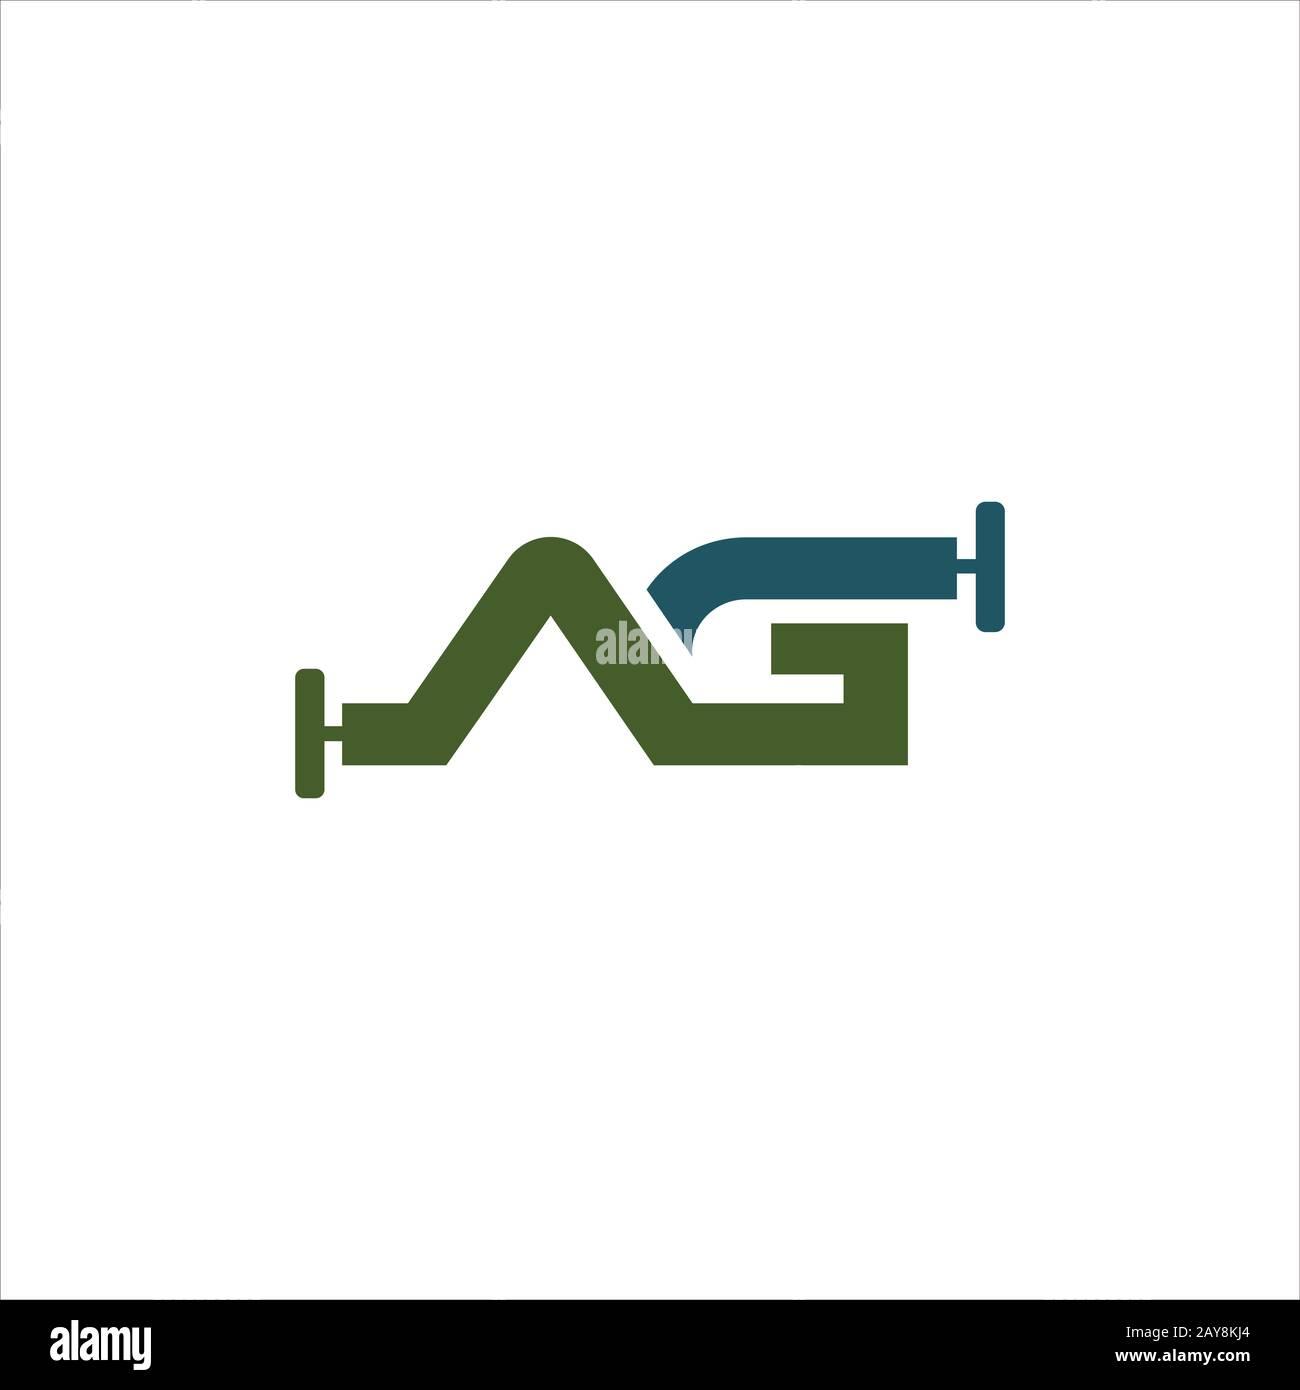 Plantilla inicial de diseño de logotipo de letra ah o ha Ilustración del Vector